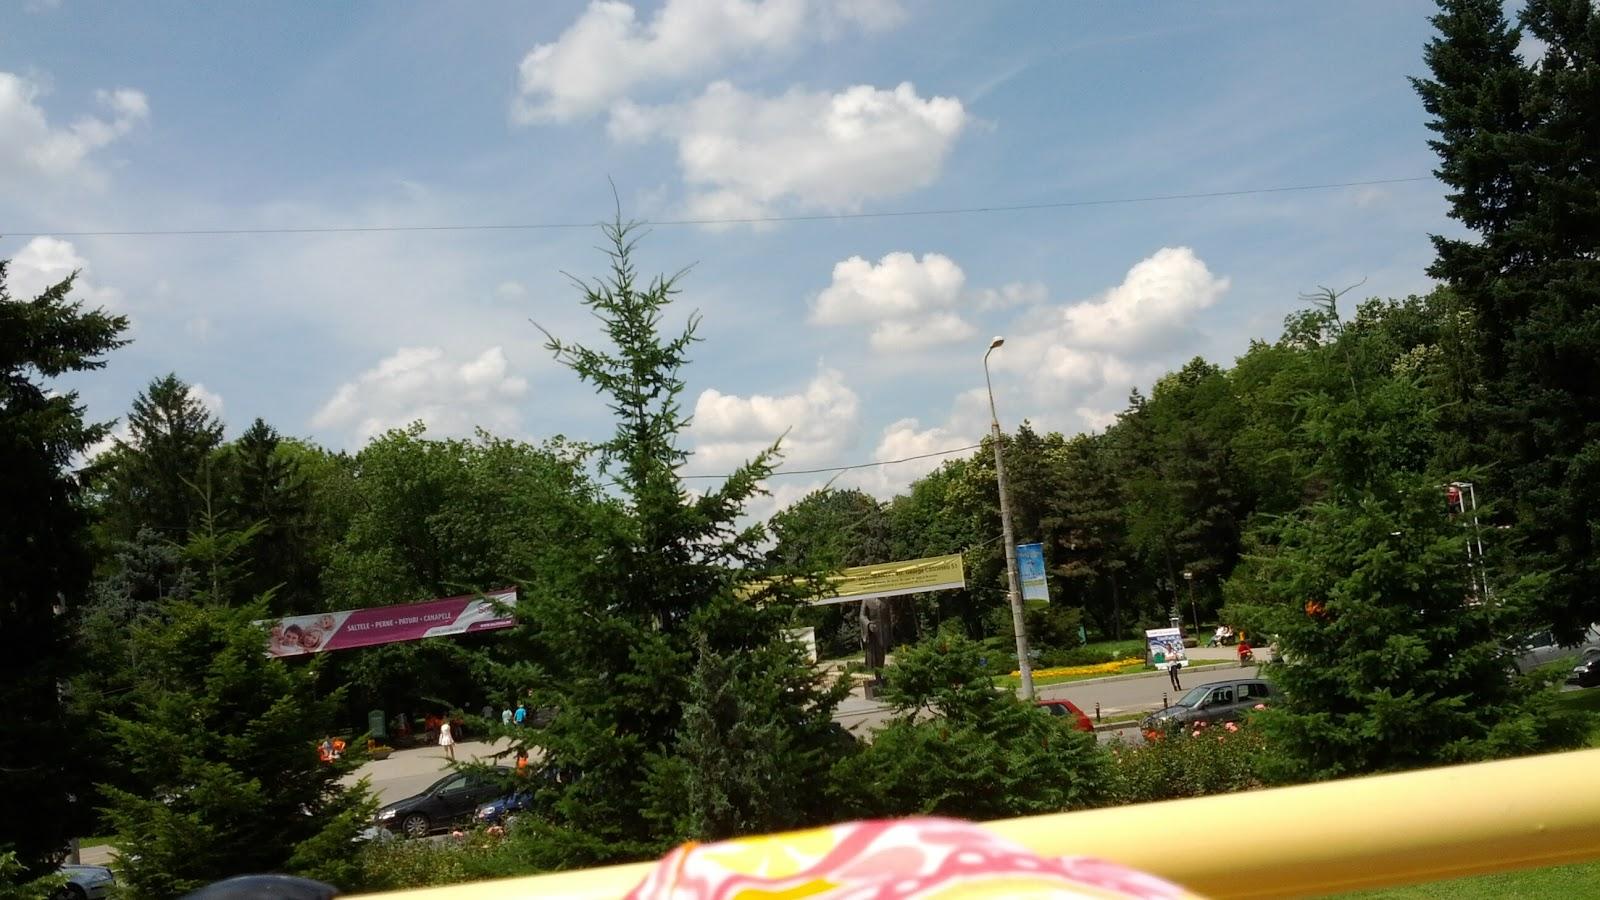 Parcul Herastrau, intrarea principala, metrou Aviatorilor. Ascunsa de vegetatie este statuia lui Charles de Gaulle